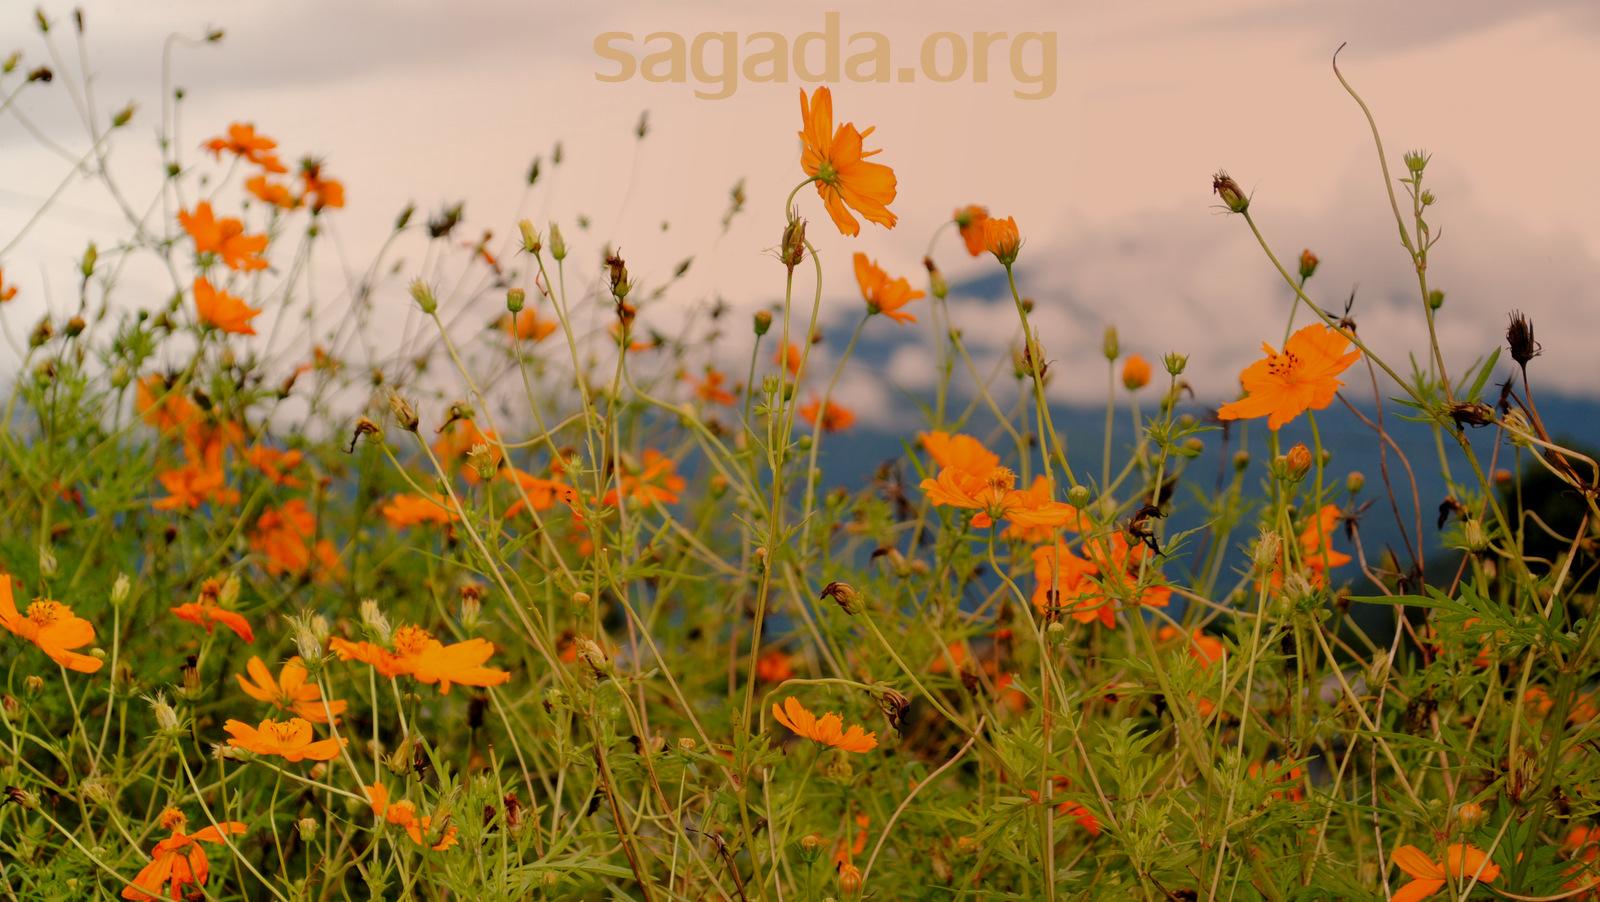 Balugan, Sagada: Flowers 2011